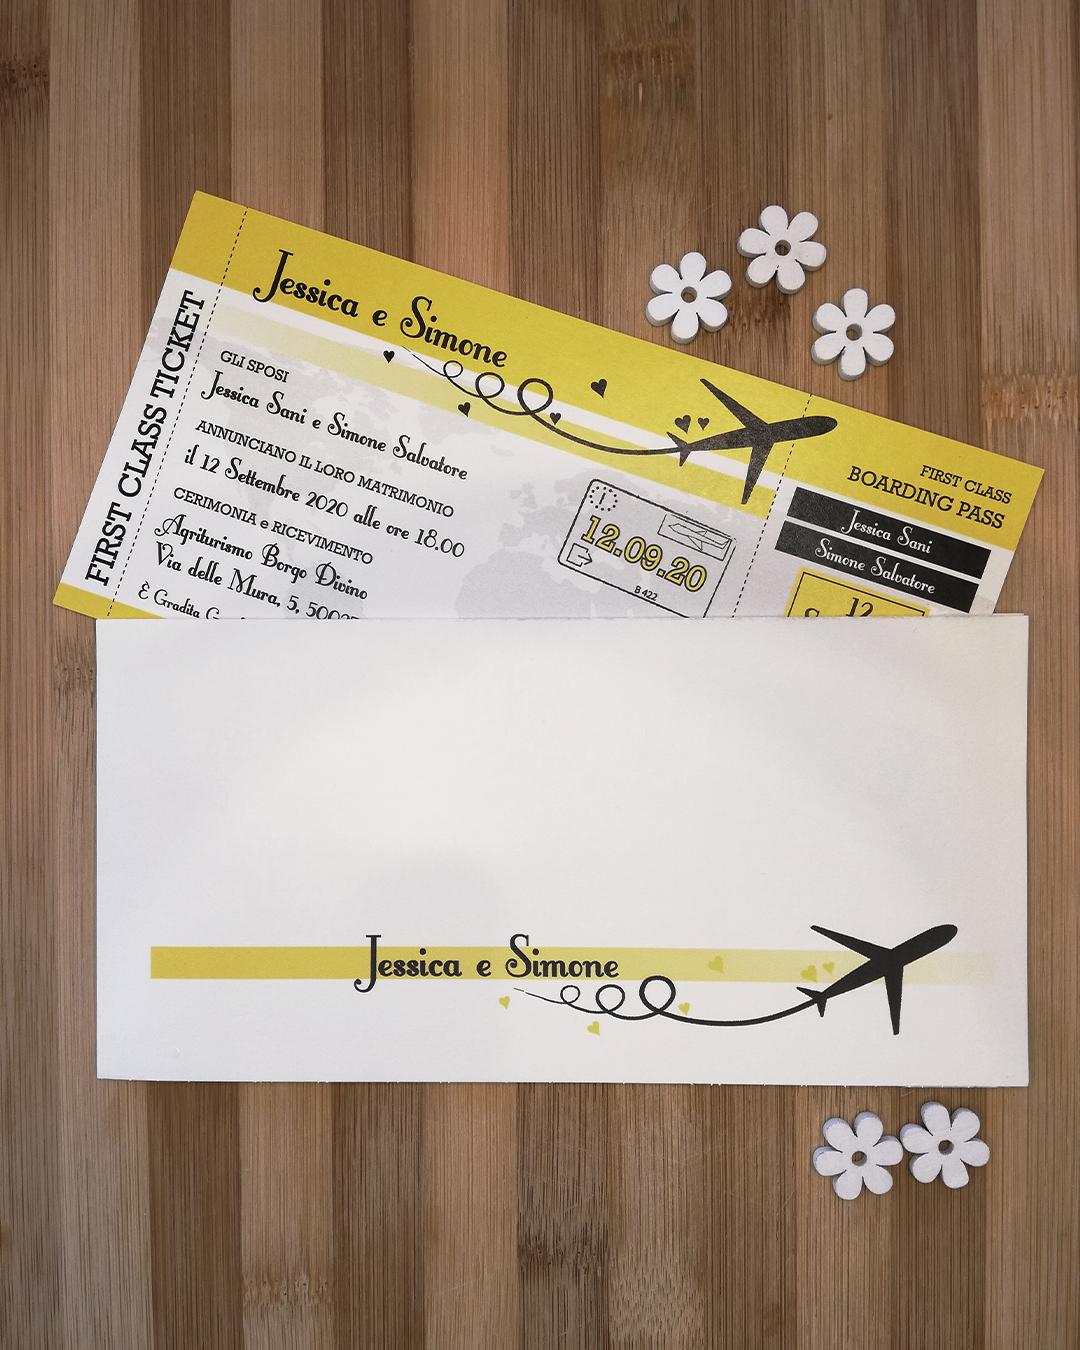 partecipazione nozze tema viaggi biglietto aereo wedding trepuntozero